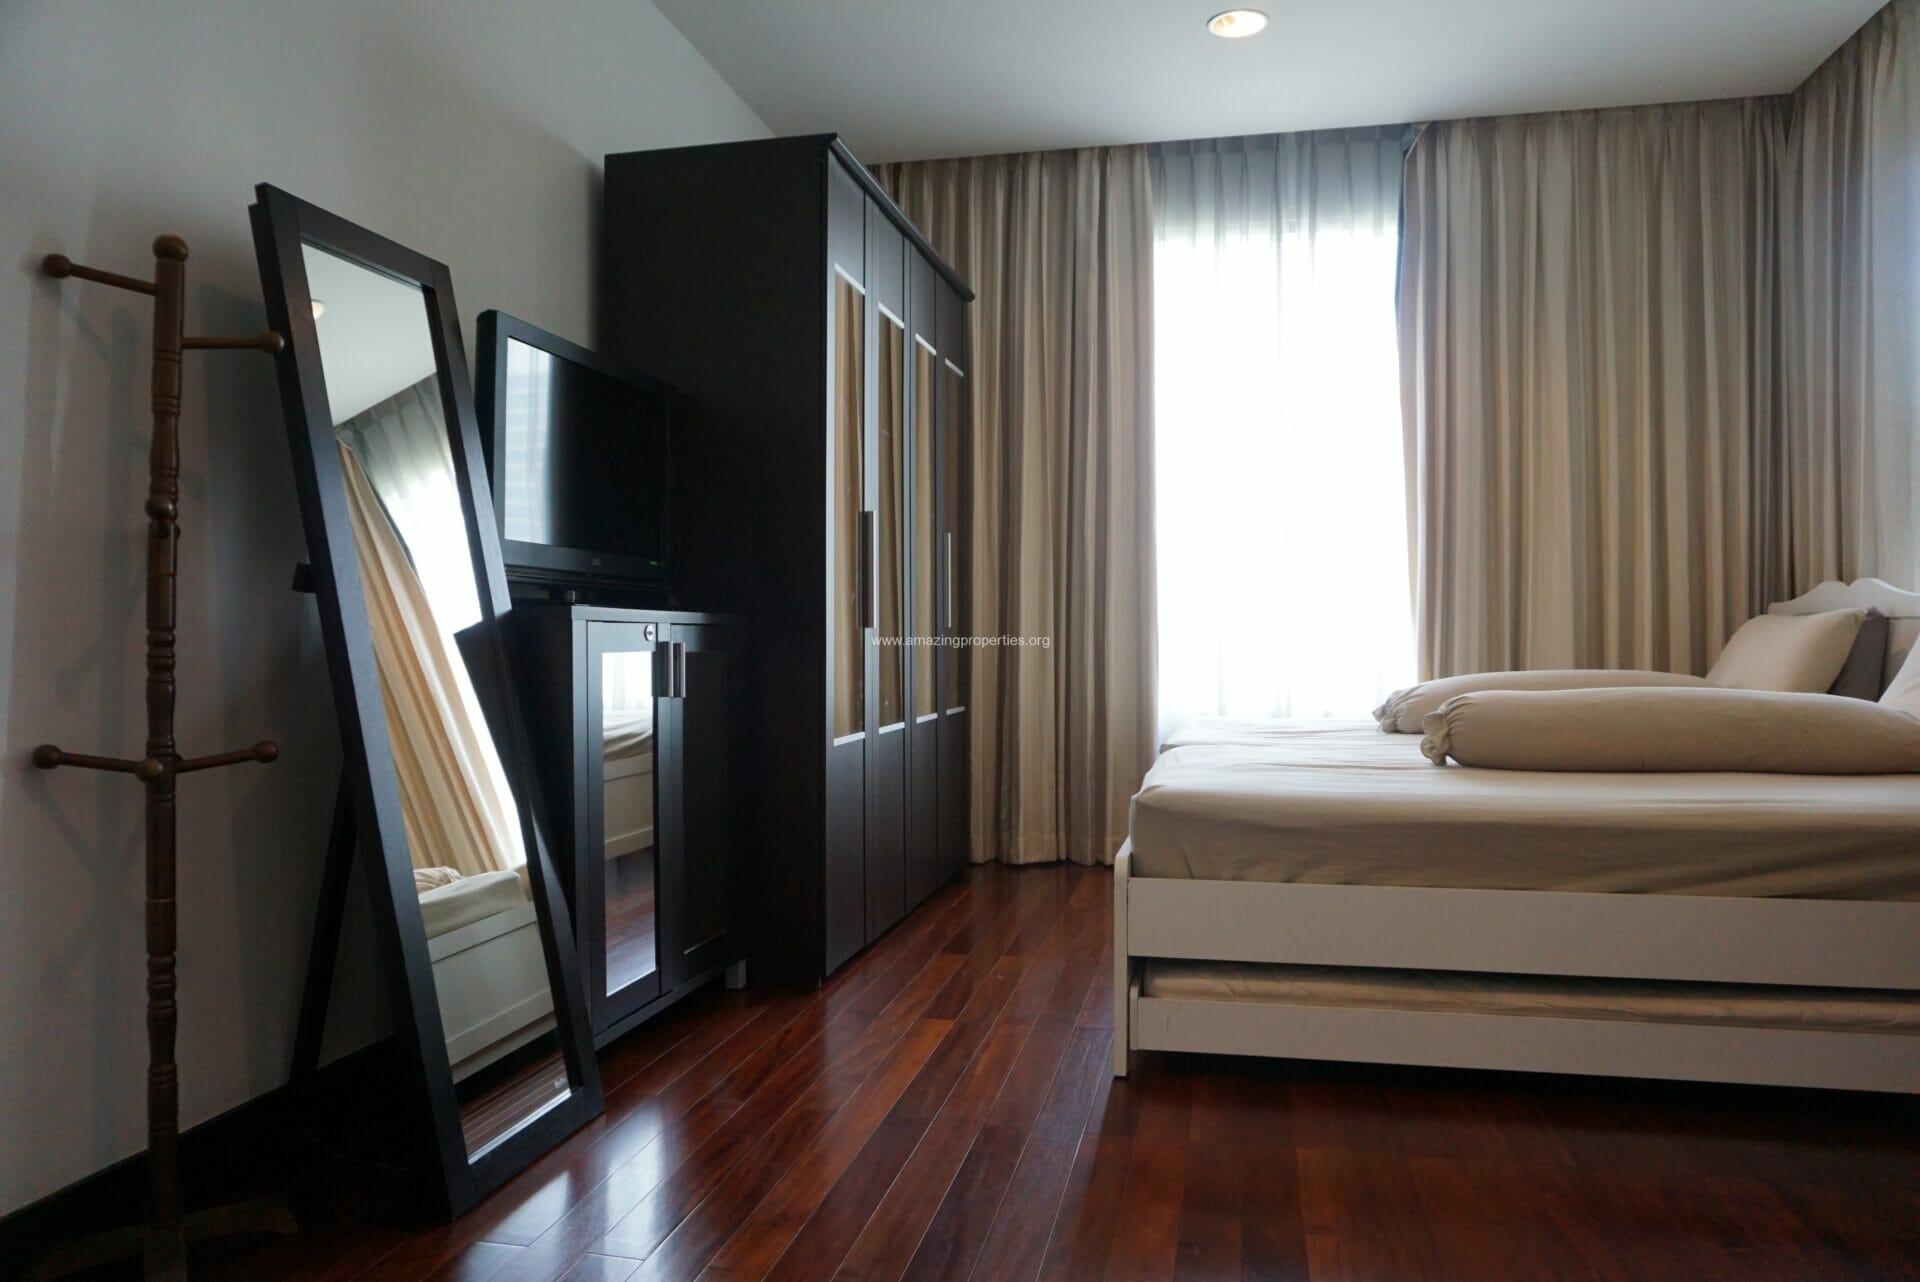 Wilshire Condominium 2 Bedroom condo for Rent (12)